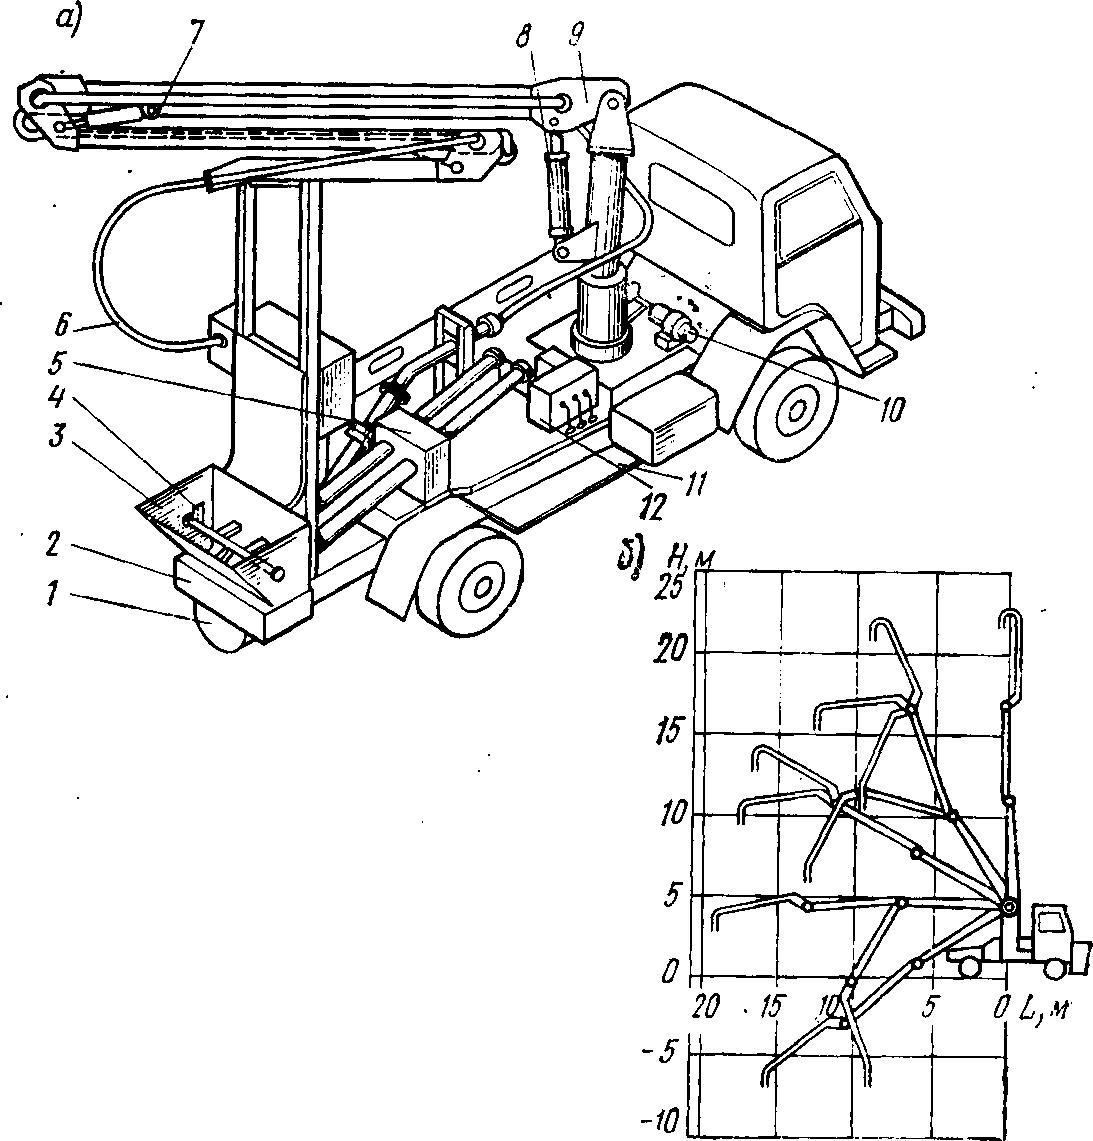 Гидравлический бетононасос с распределительной стрелой на шасси автомобиля